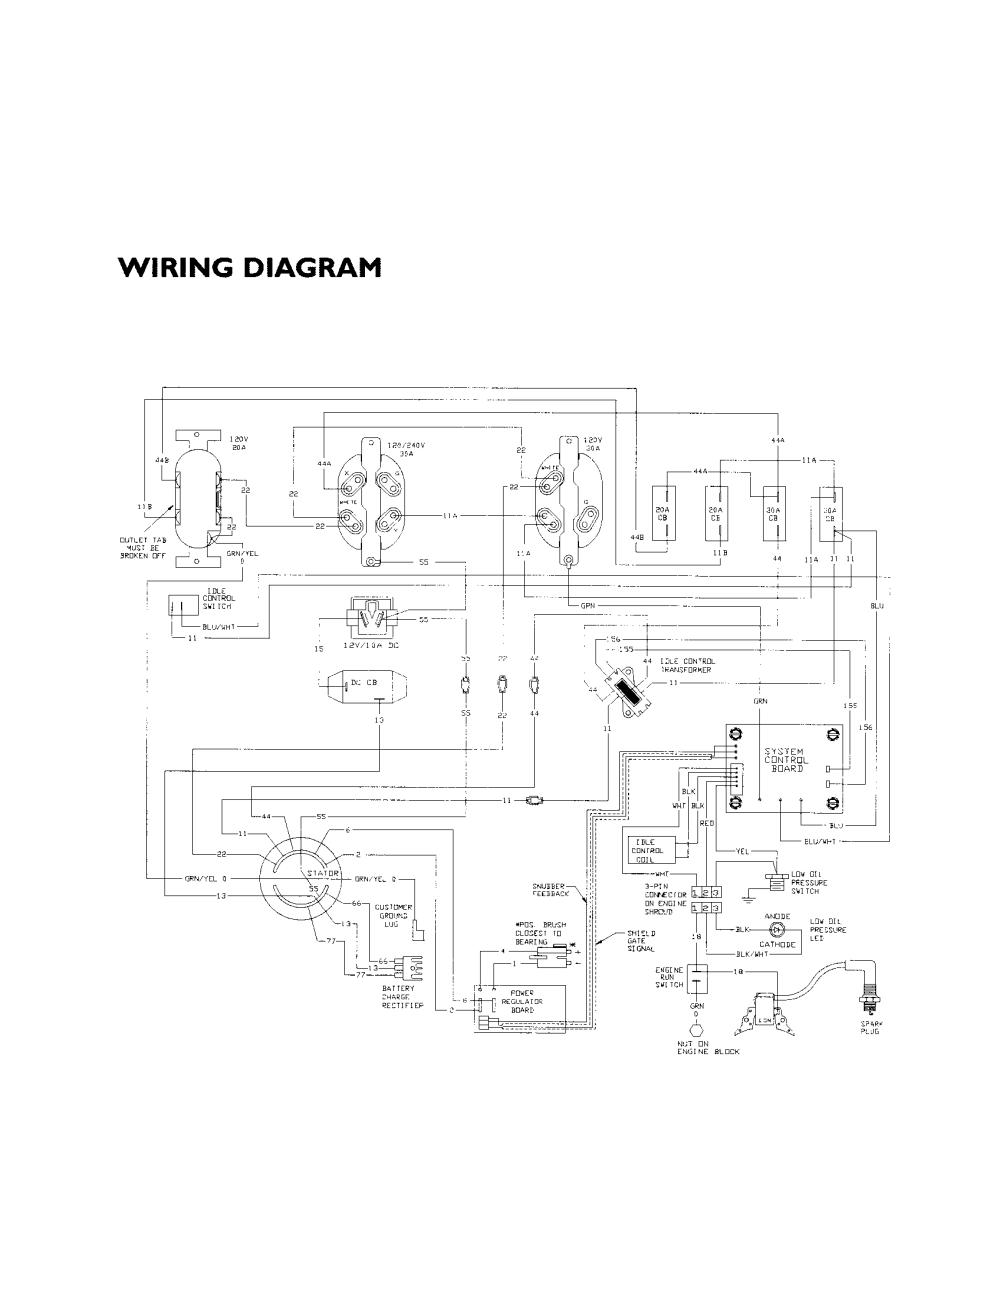 medium resolution of generac 4000exl wiring schematic